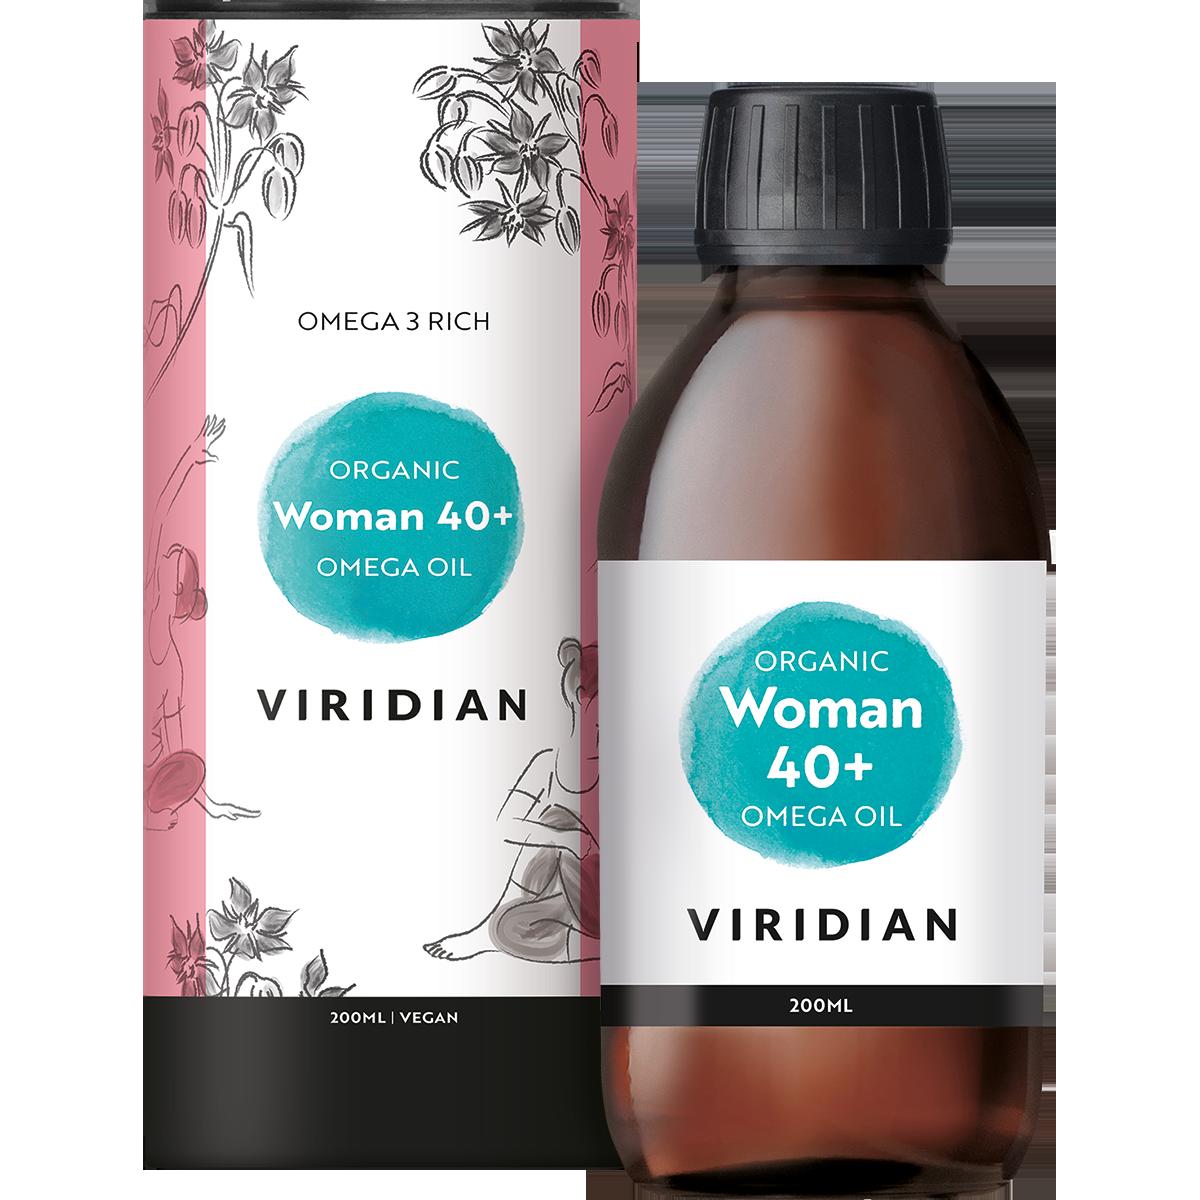 Organic Woman 40+ Omega Oil